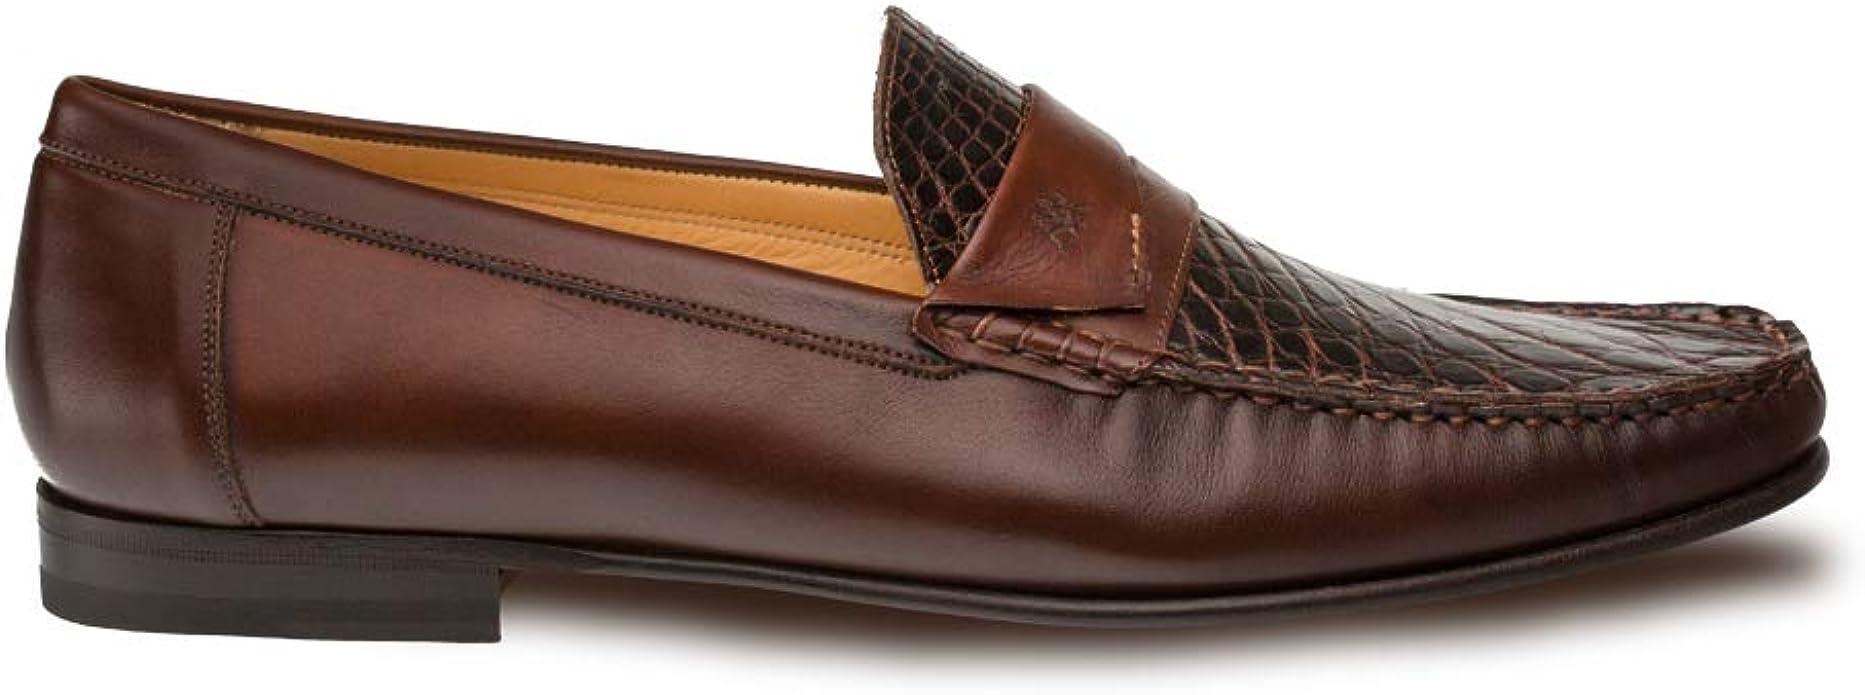 Mezlan SICA Mens Luxury Formal Loafers